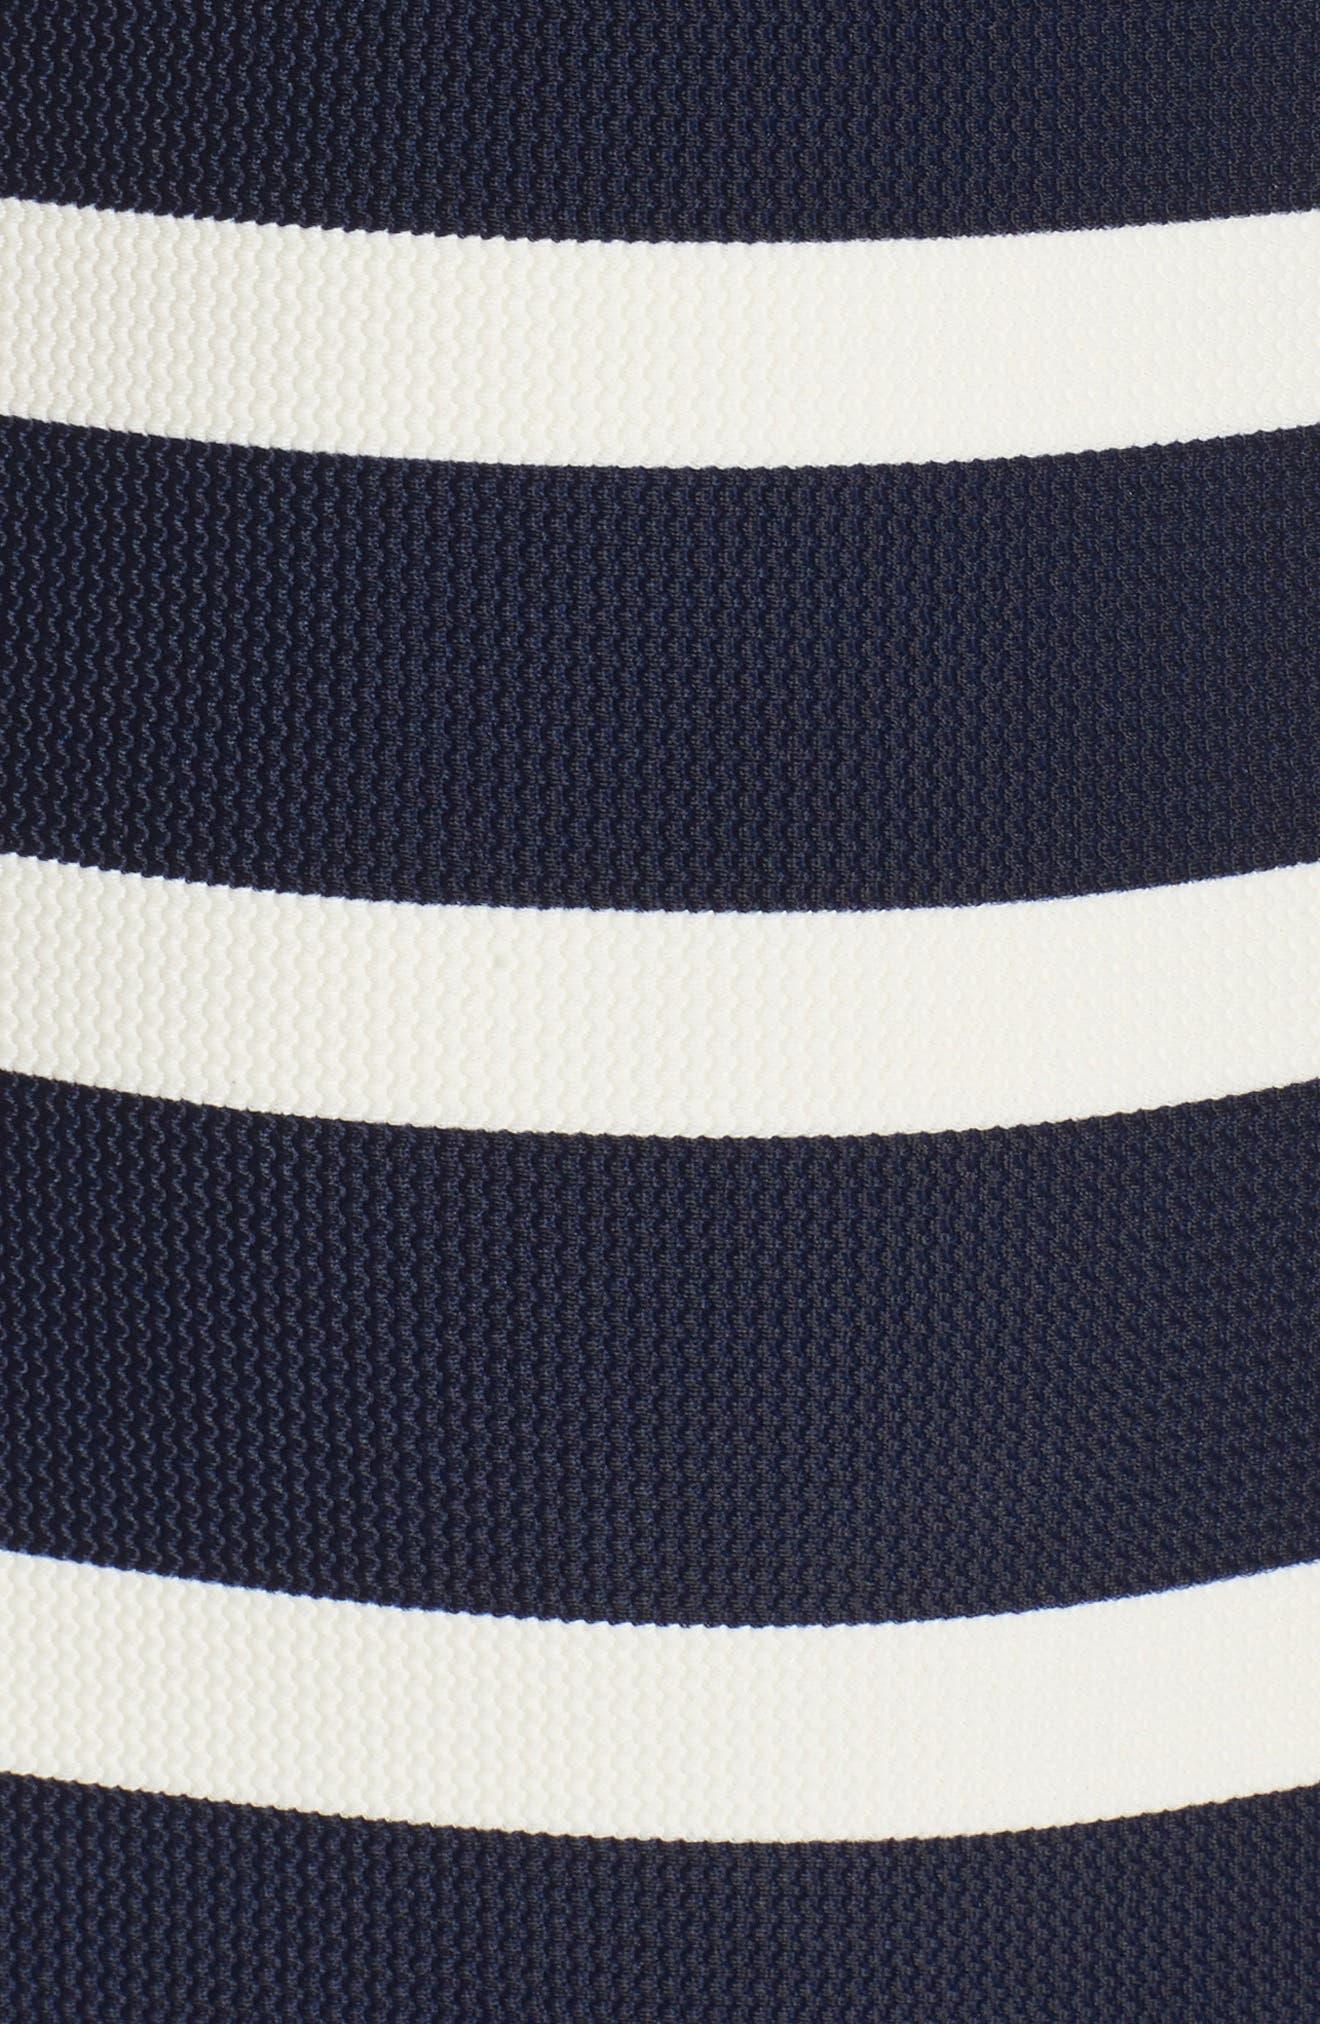 Texture Stripe One-Piece Bandeau Swimsuit,                             Alternate thumbnail 5, color,                             410